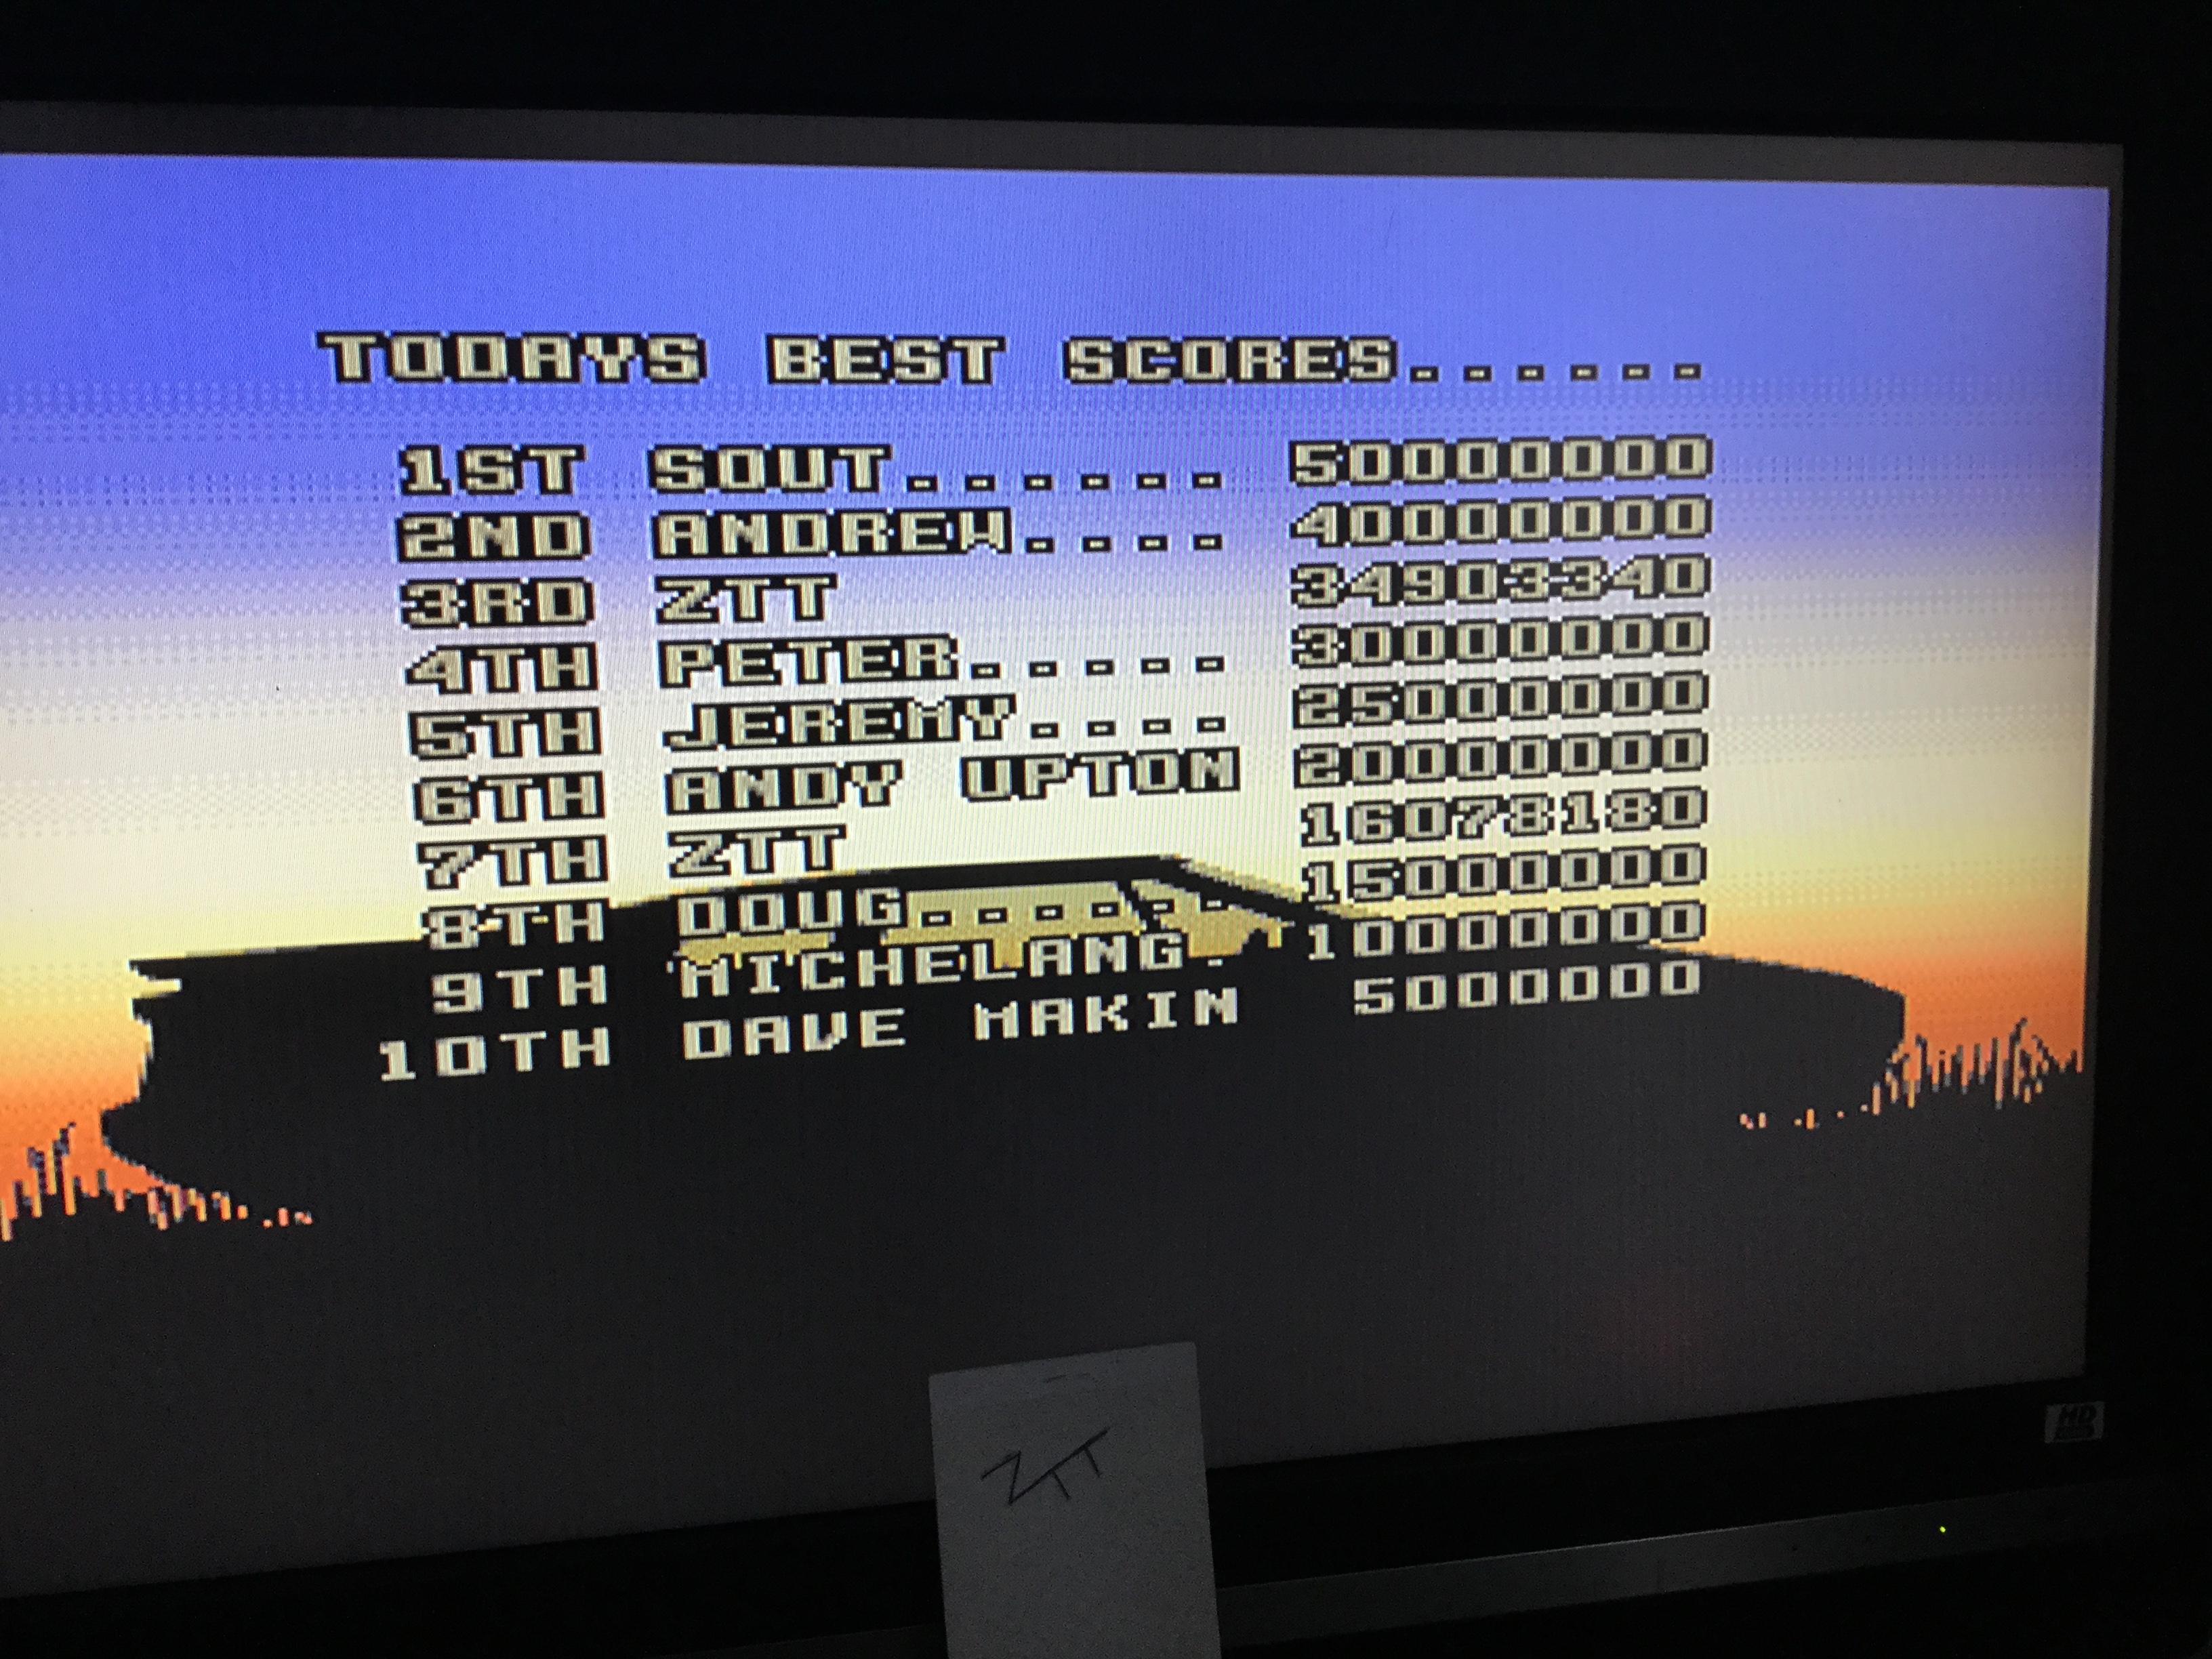 Frankie: Lotus Turbo Challenge 2 (Amiga) 34,903,340 points on 2017-12-03 08:10:09